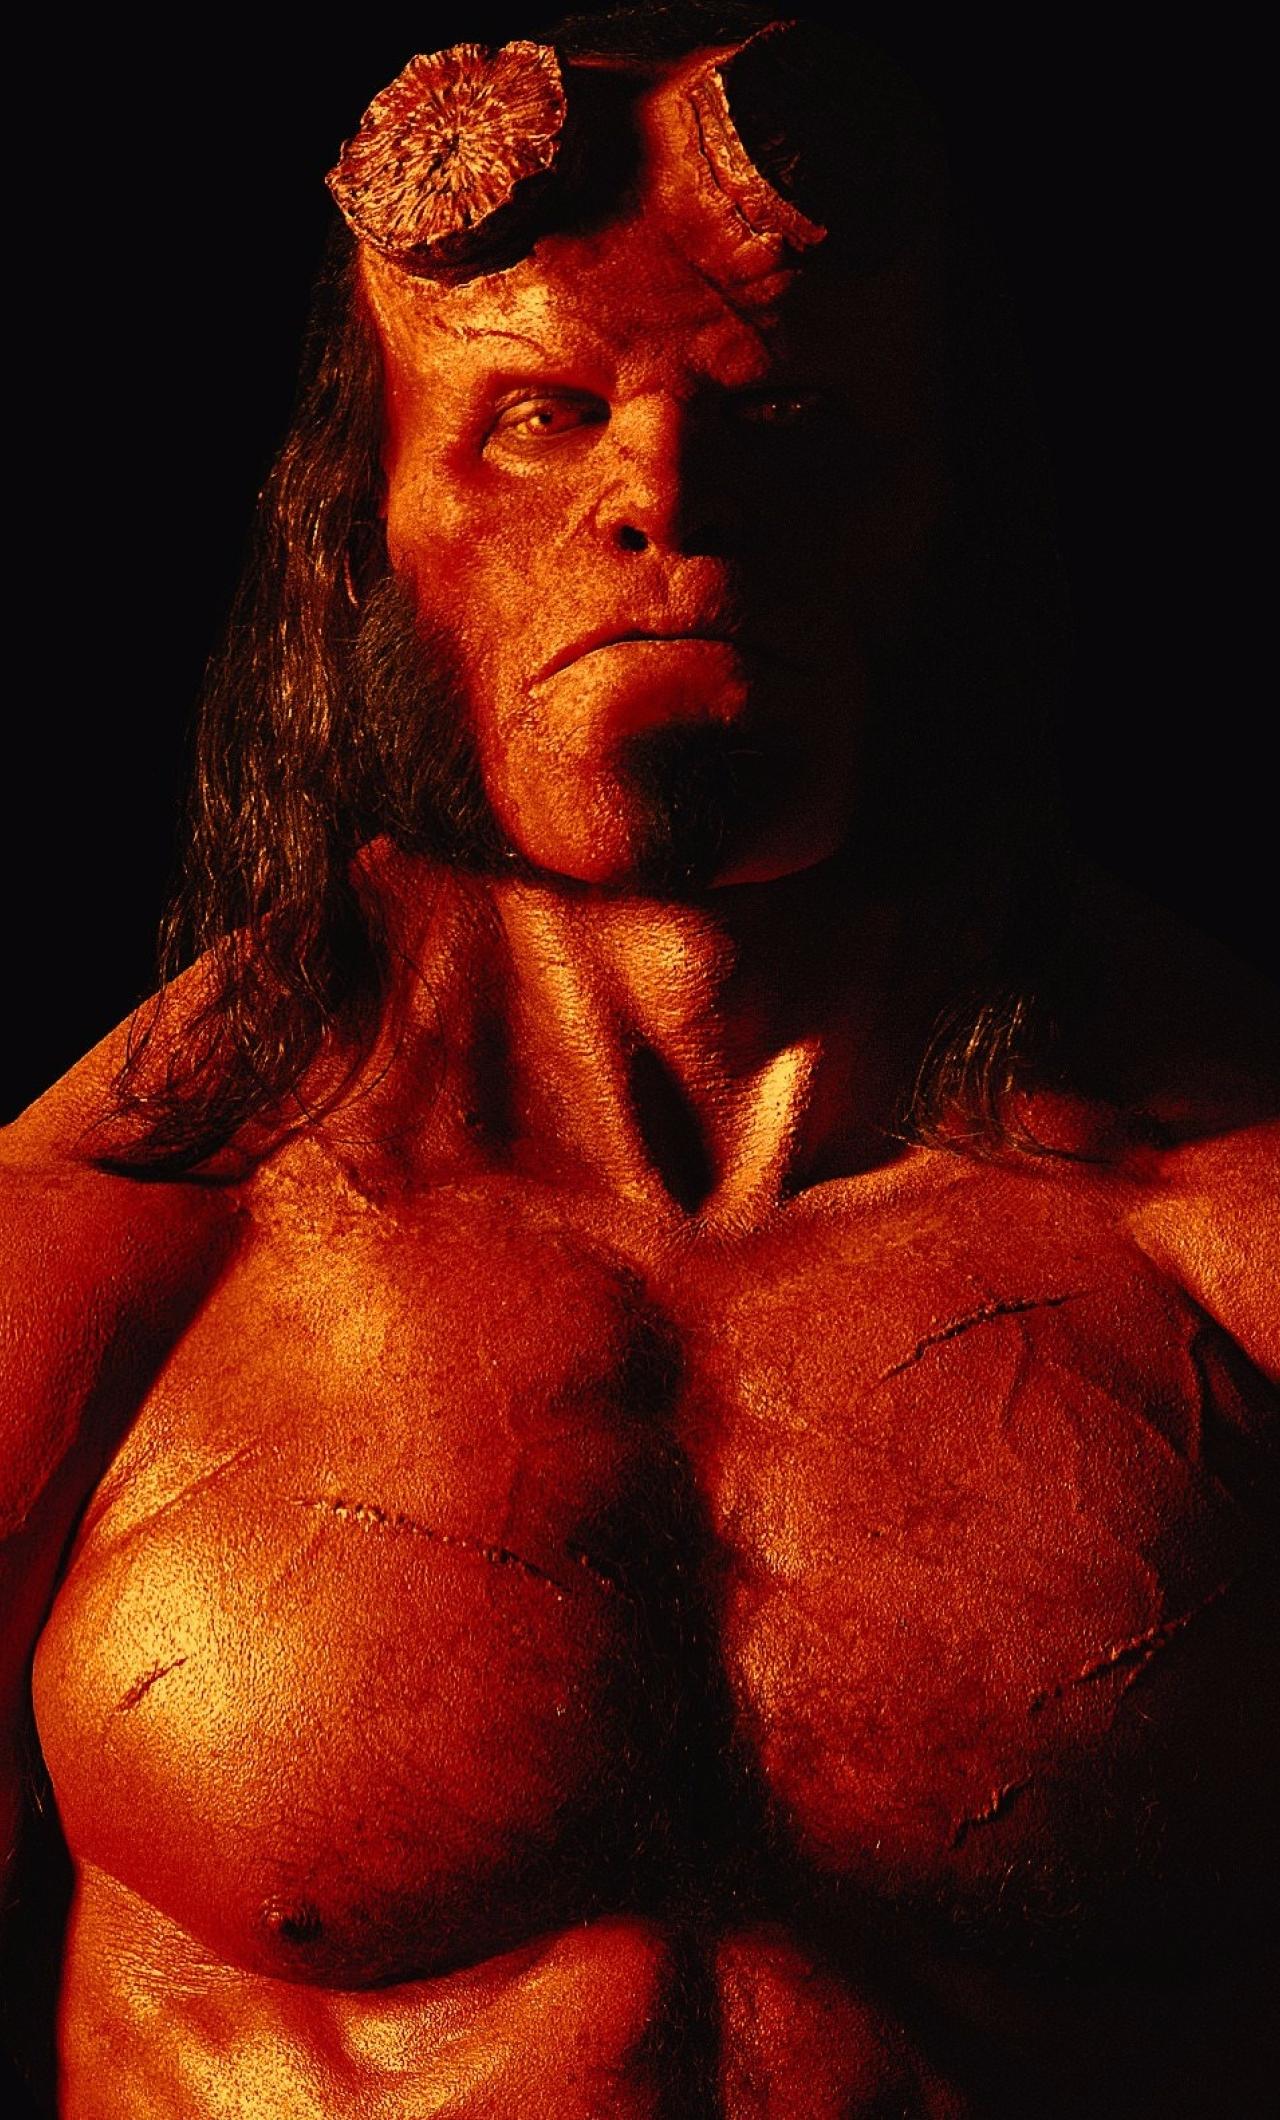 Hellboy download hd slender man day mode download